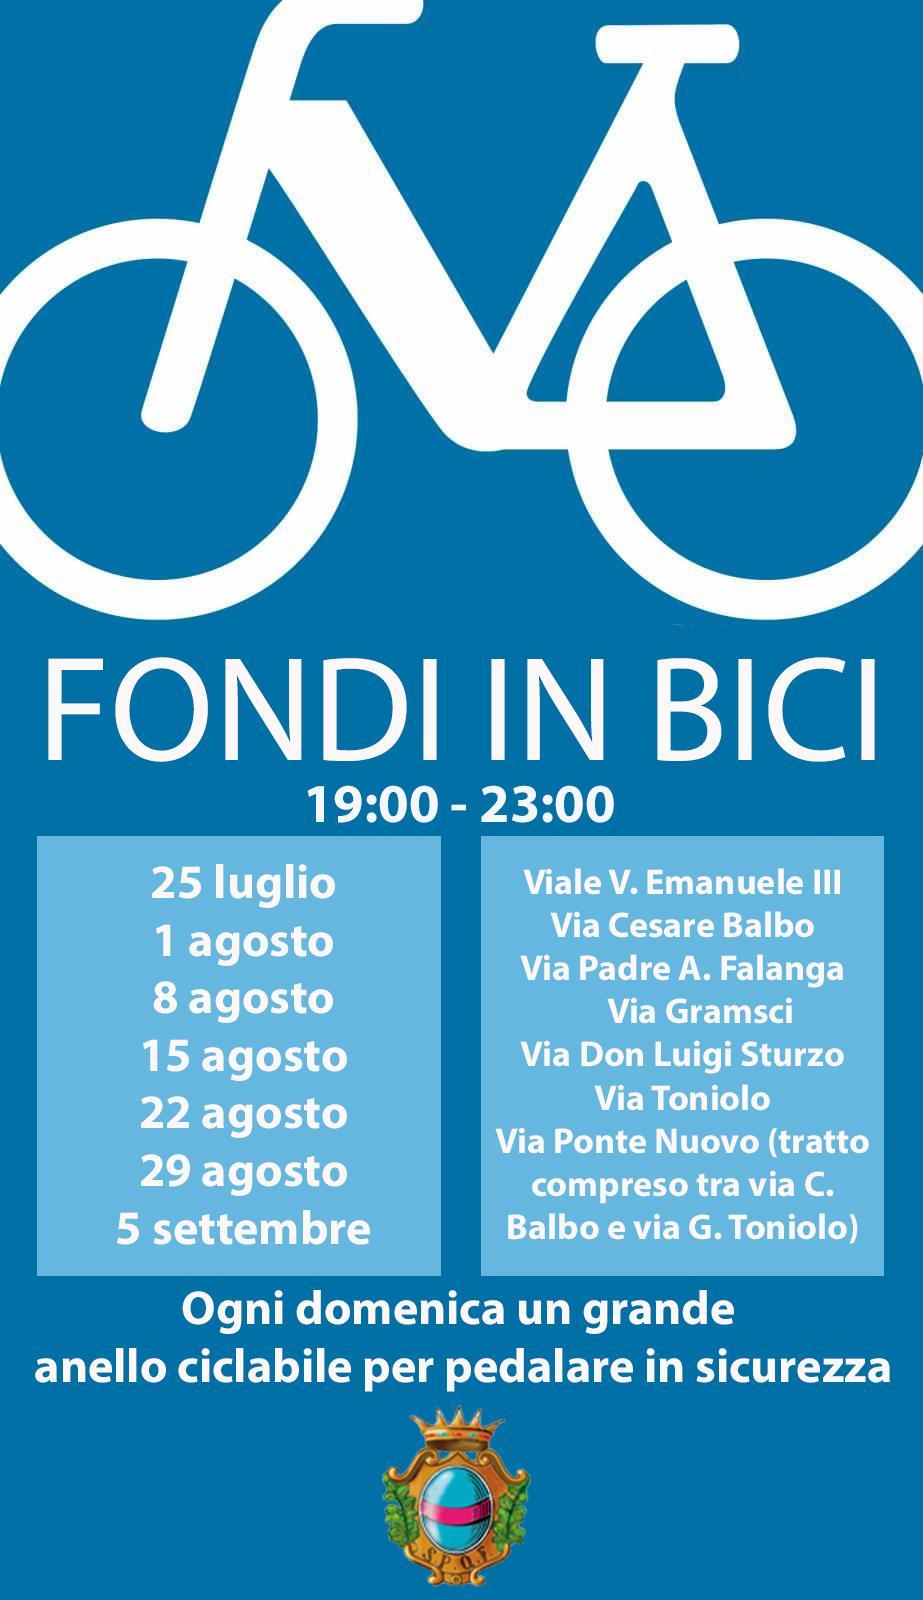 fondi in bici